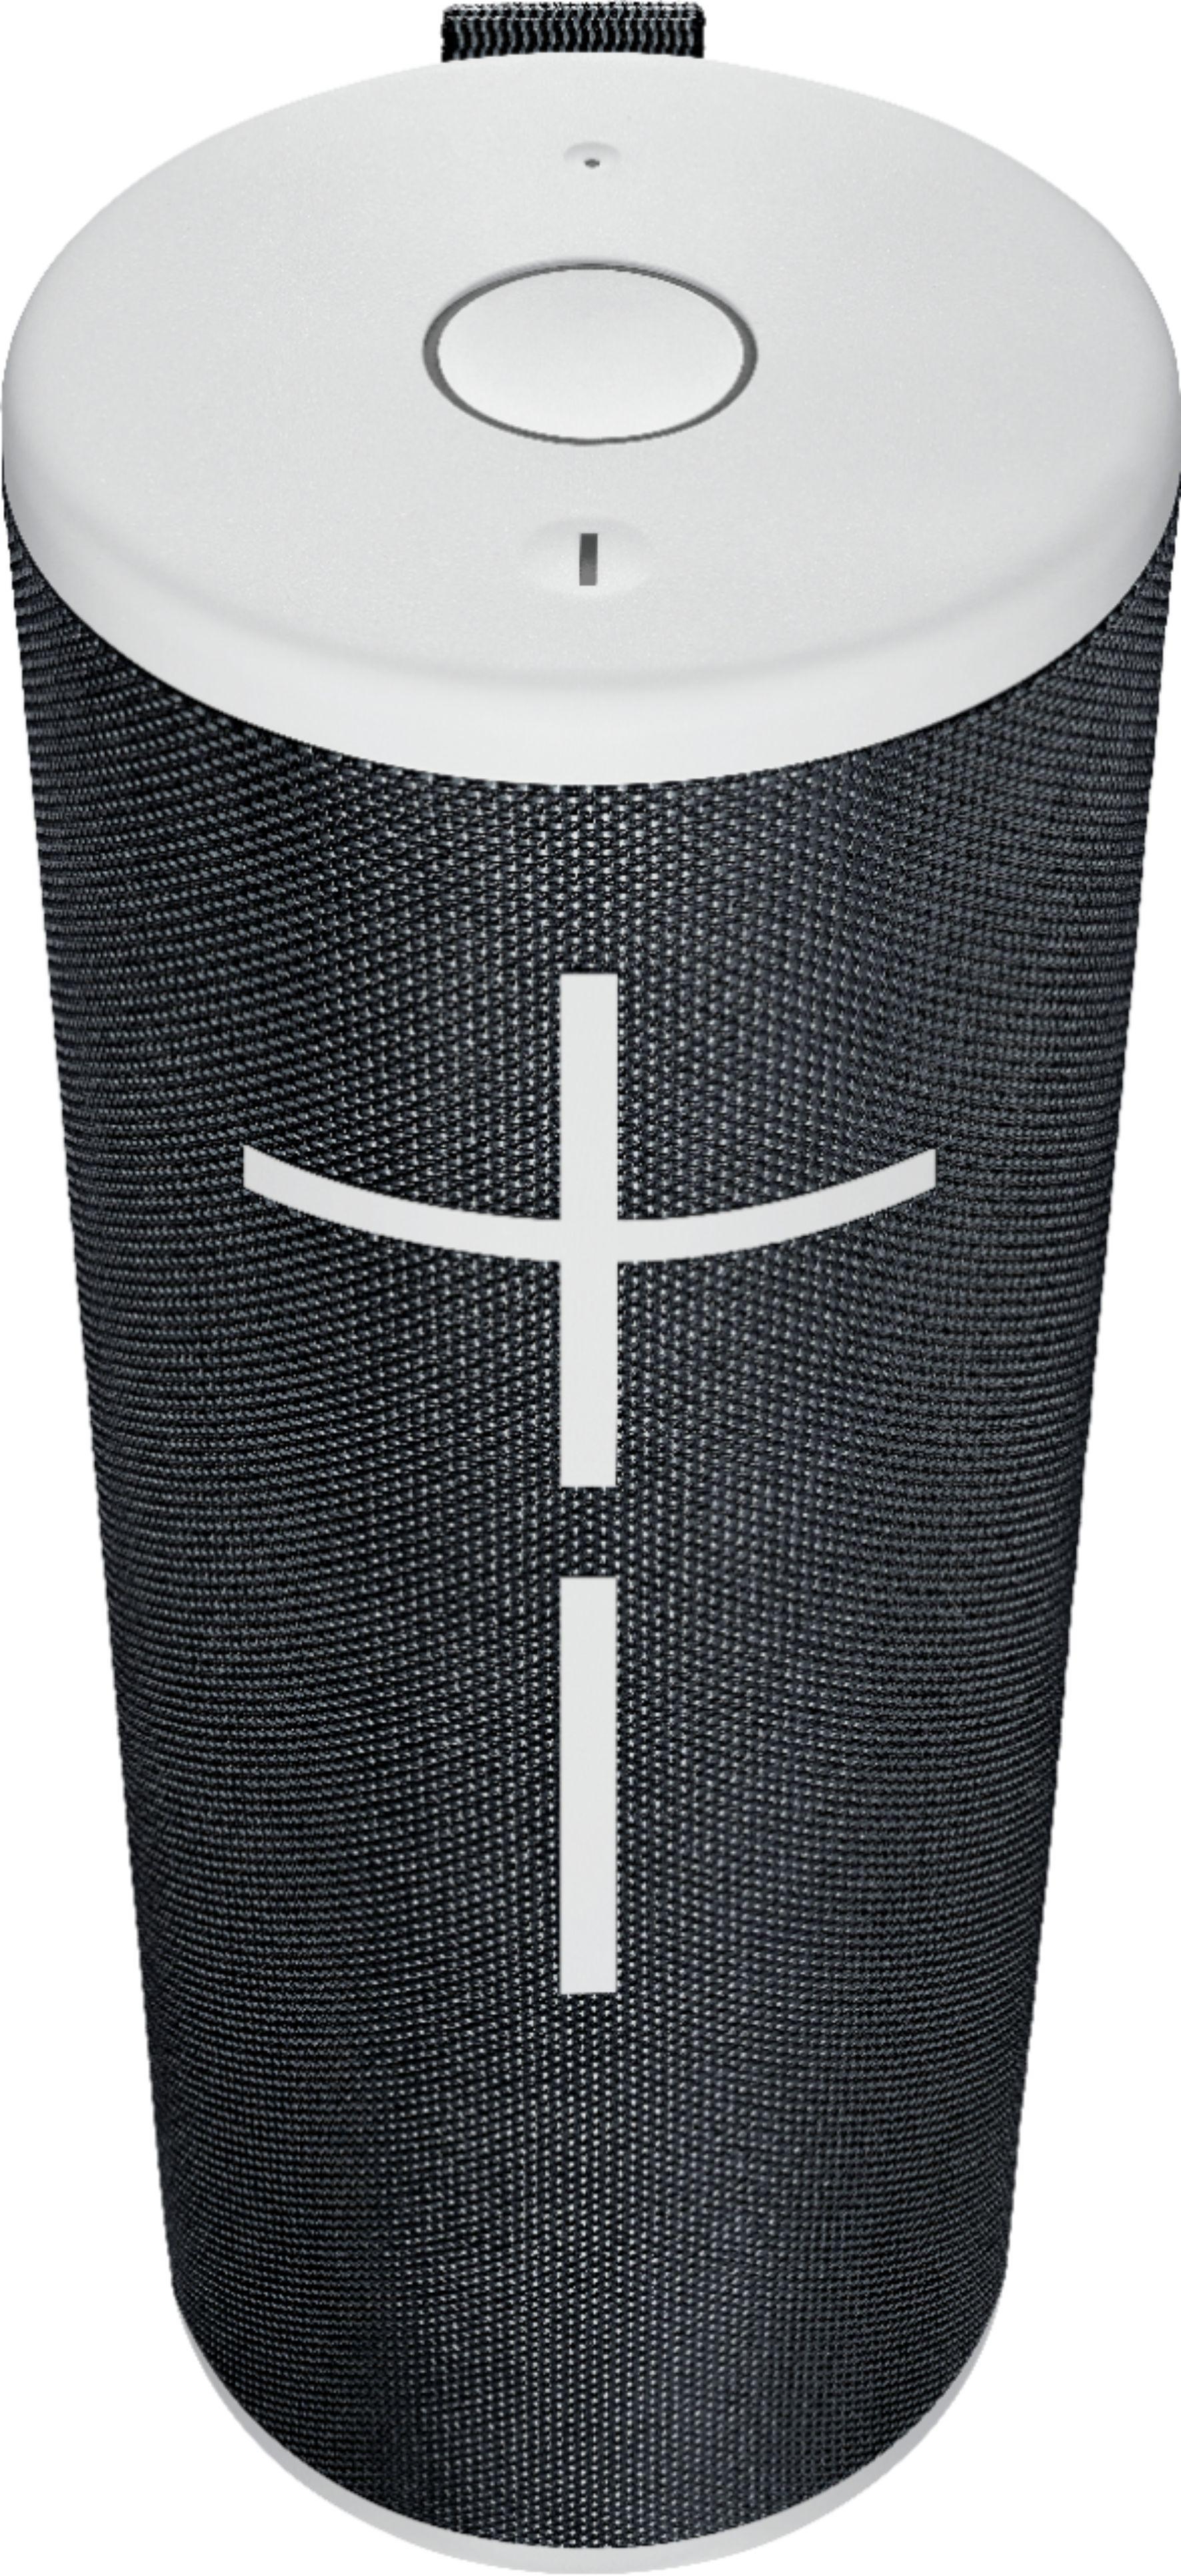 Ultimate Ears - UE MEGABOOM 3 Portable Bluetooth Speaker (+Charging Dock) Moon | Black | Lagoon Blue @BestBuy $120